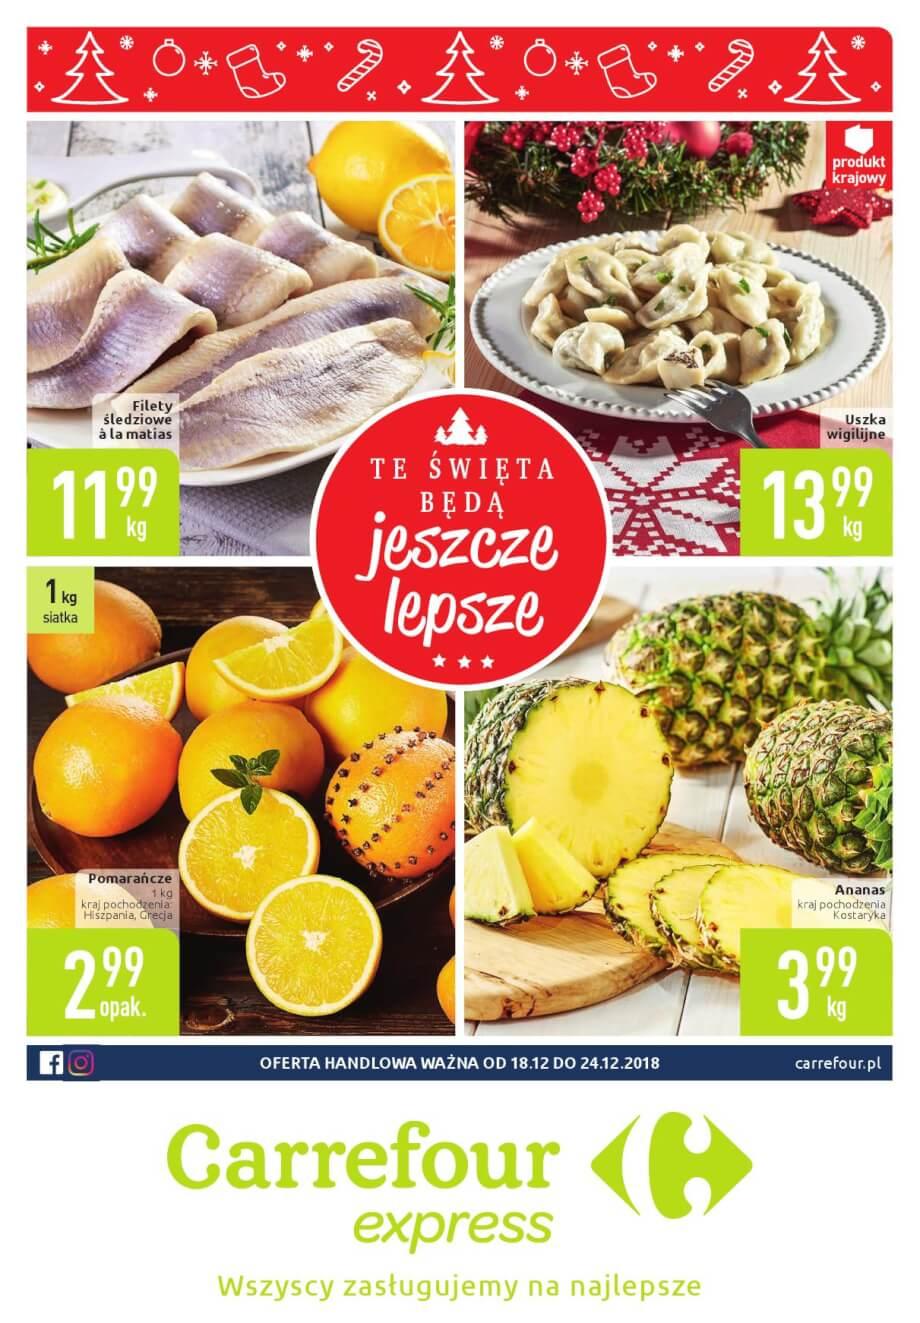 Carrefour Express, gazetka do 24.12.2018